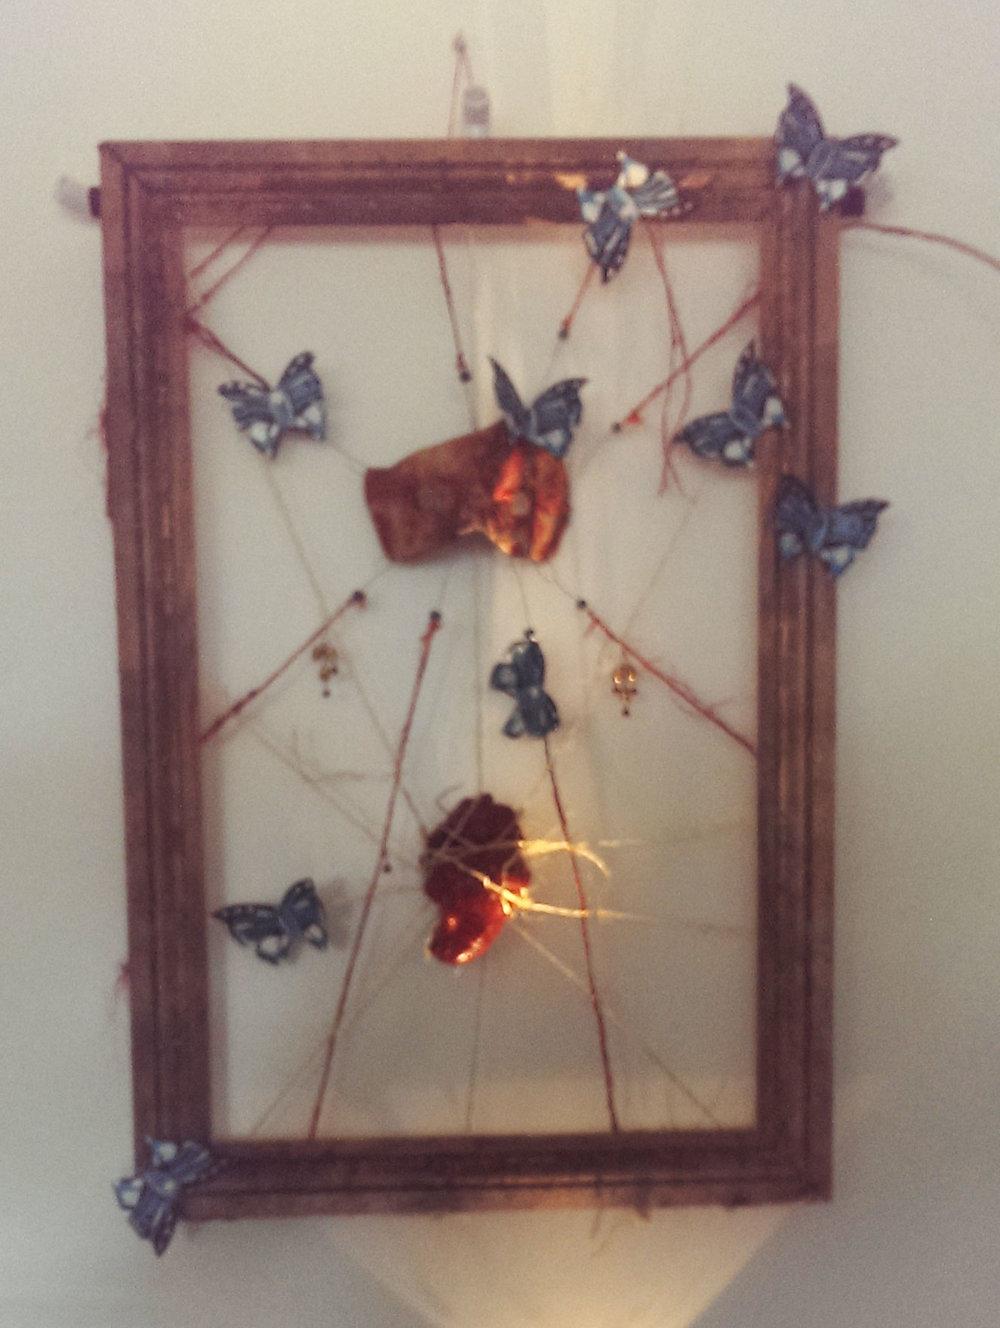 blackearlbutterflies-ulyssesblack2015.jpg